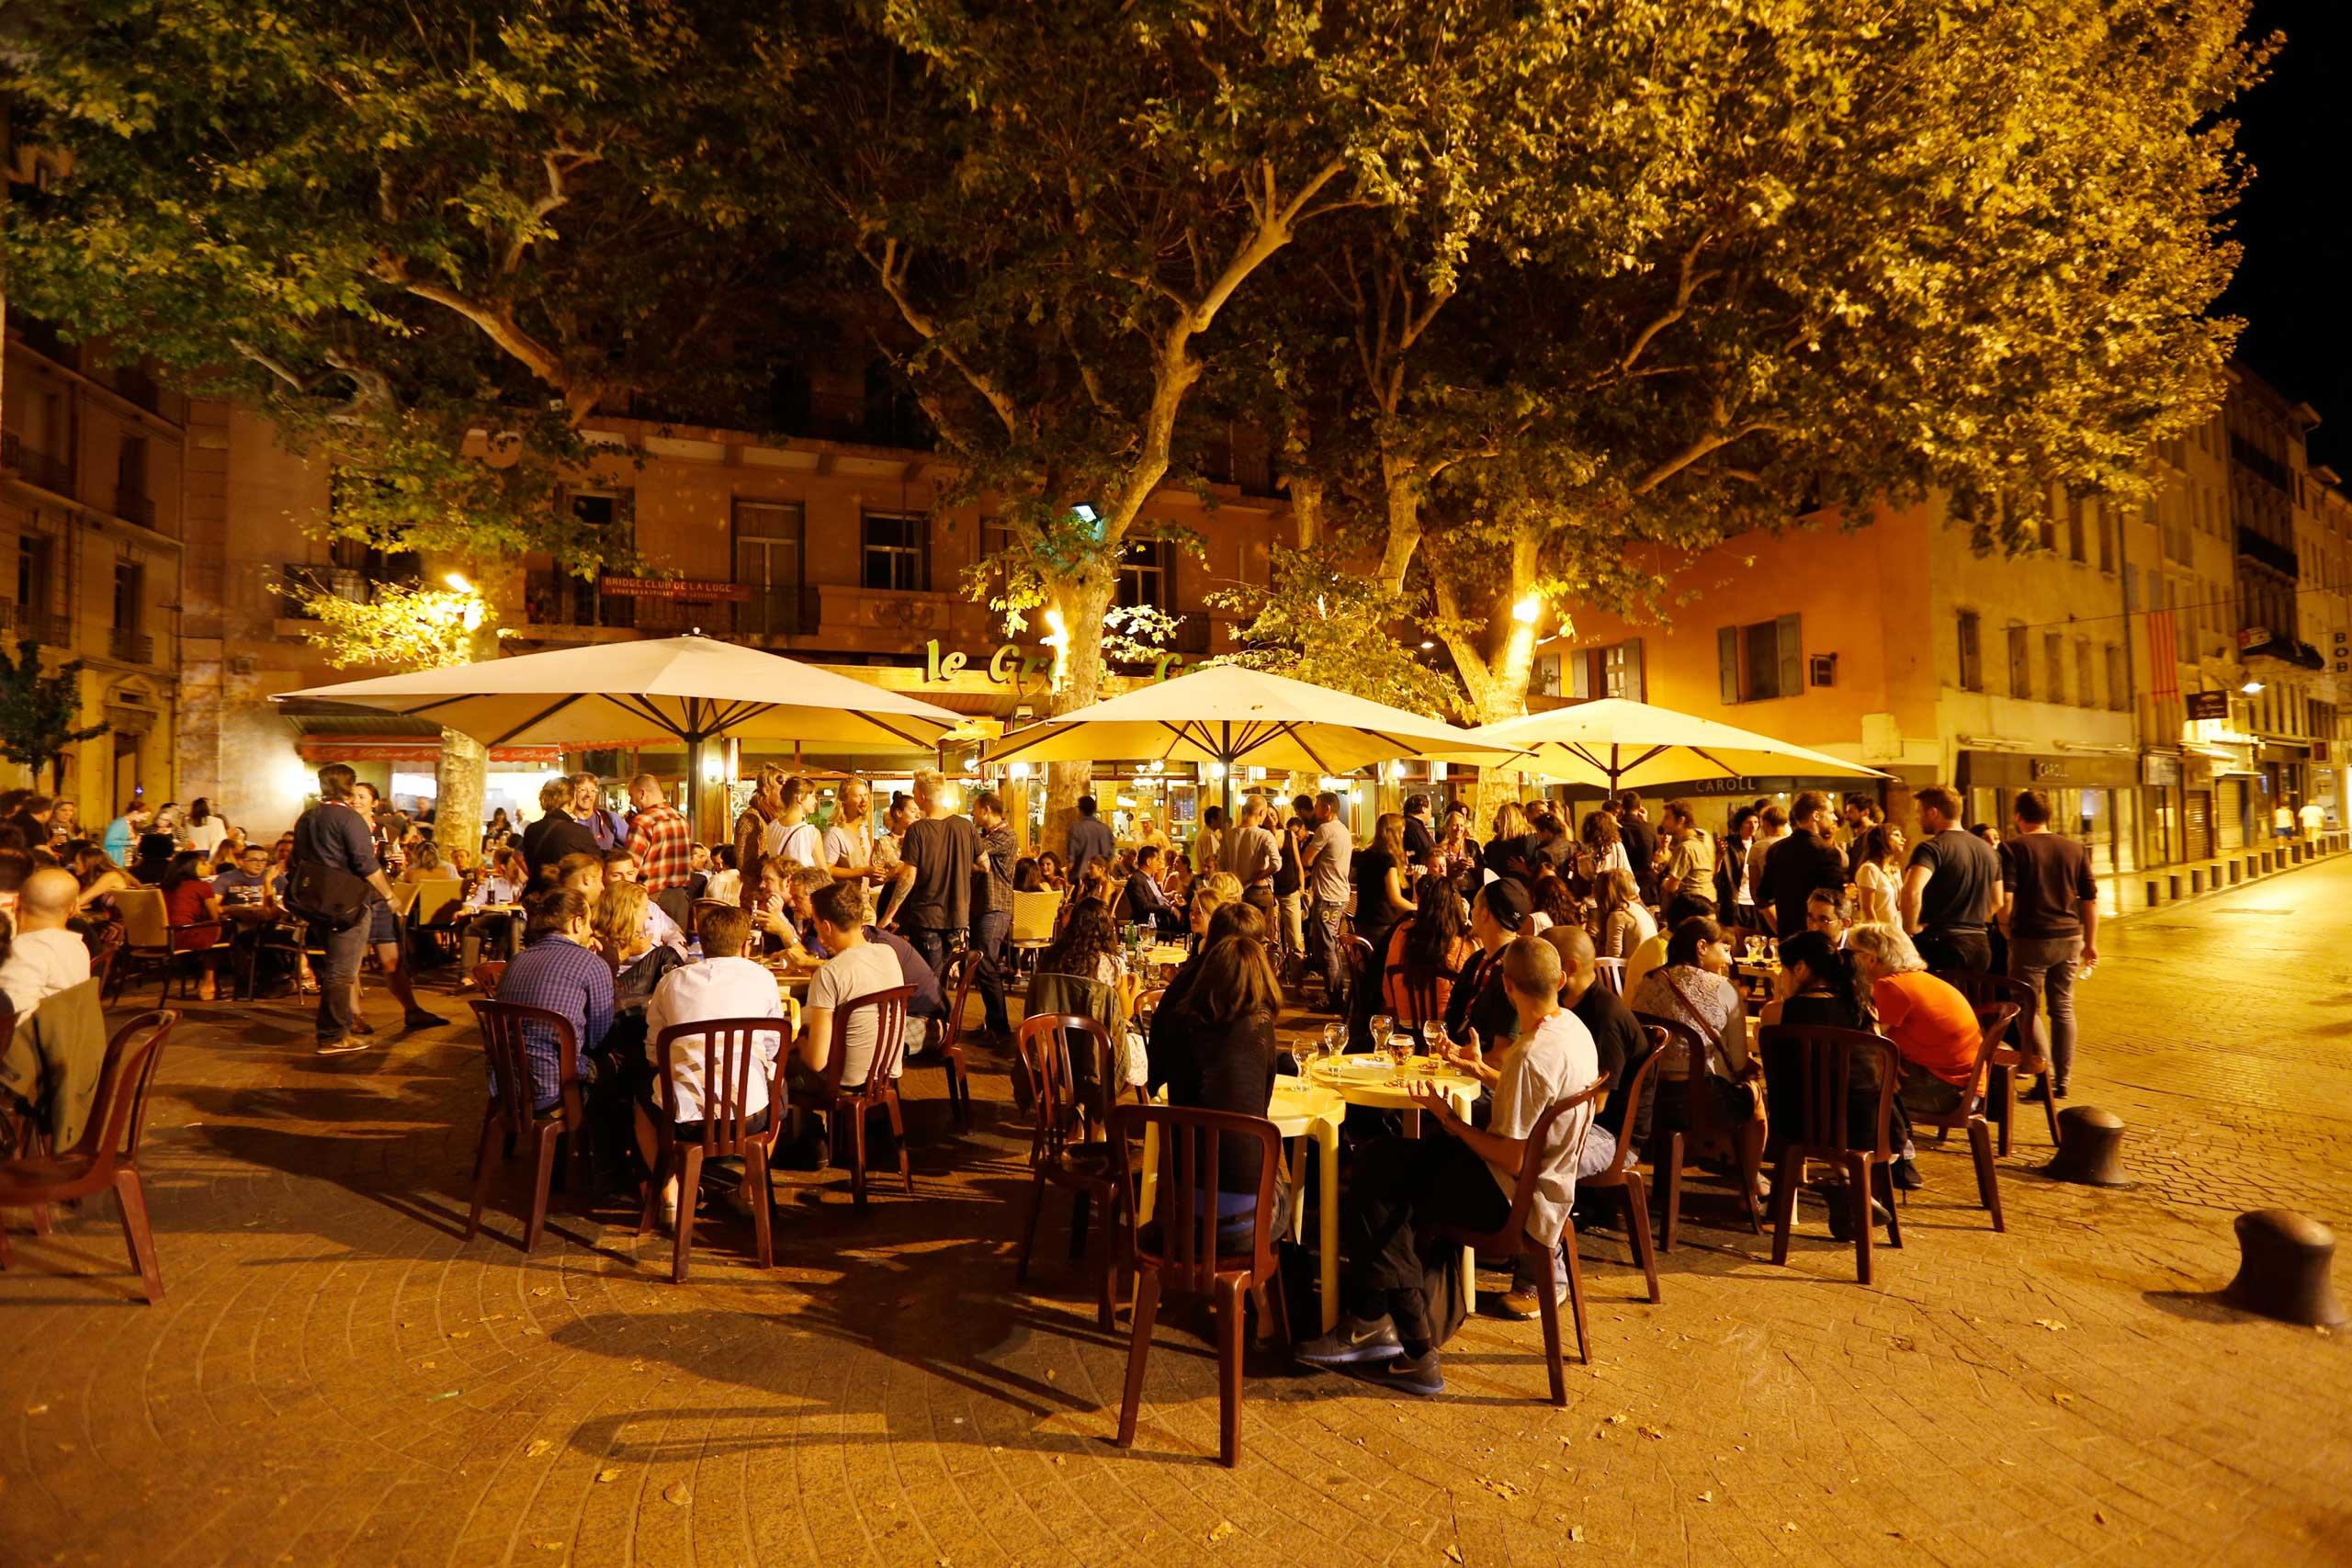 Perpignan's Café de la Poste